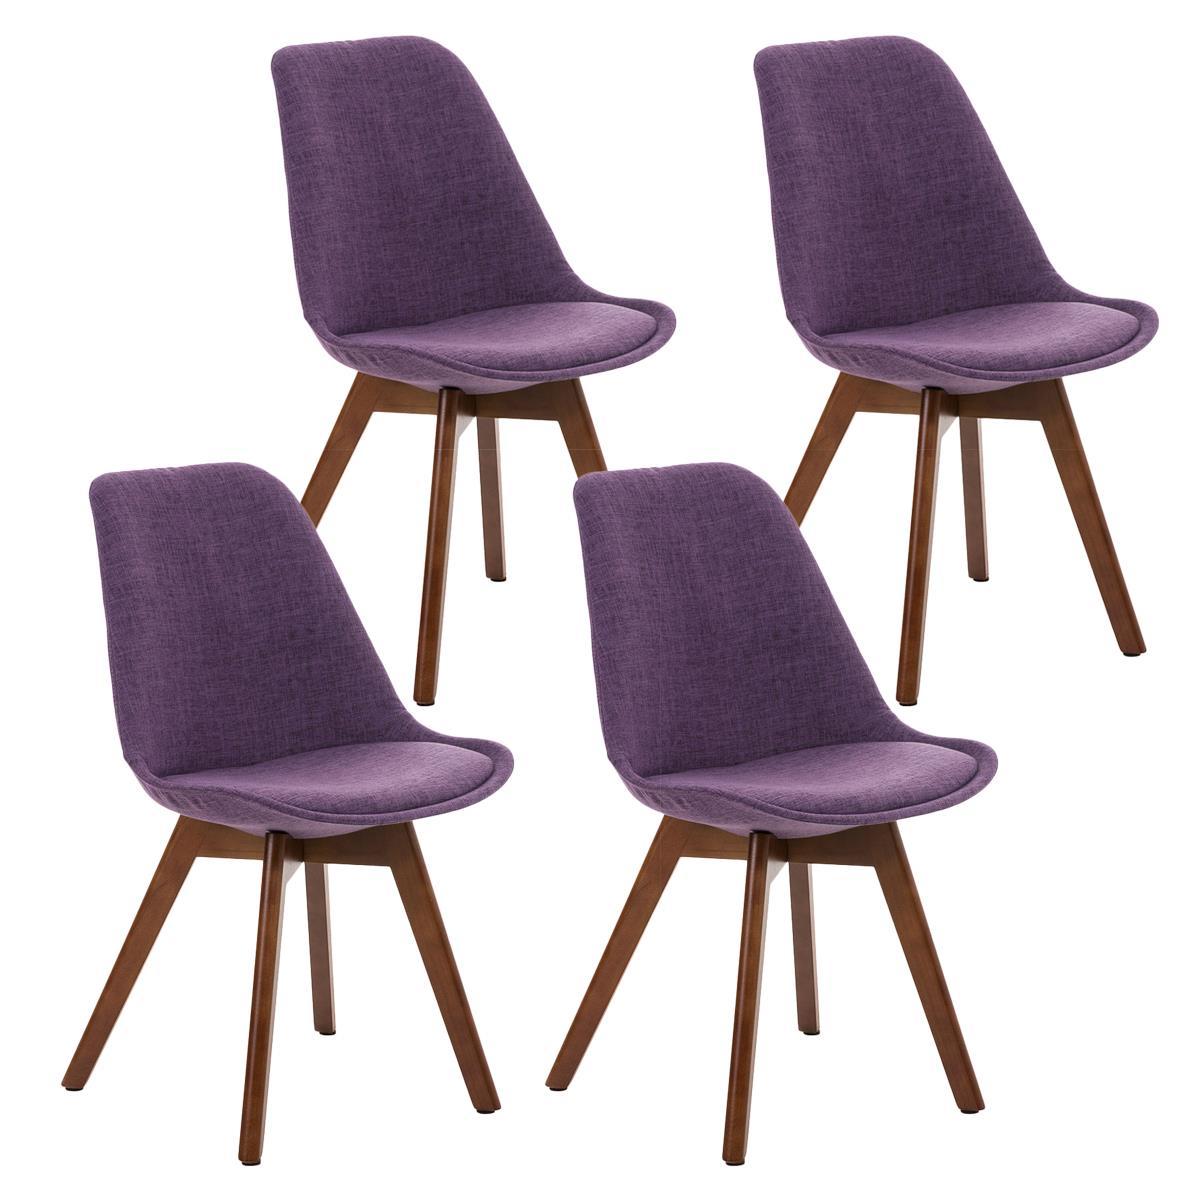 Conjunto de 4 sillas de comedor loren tela color morado y for Sillas de tela comedor